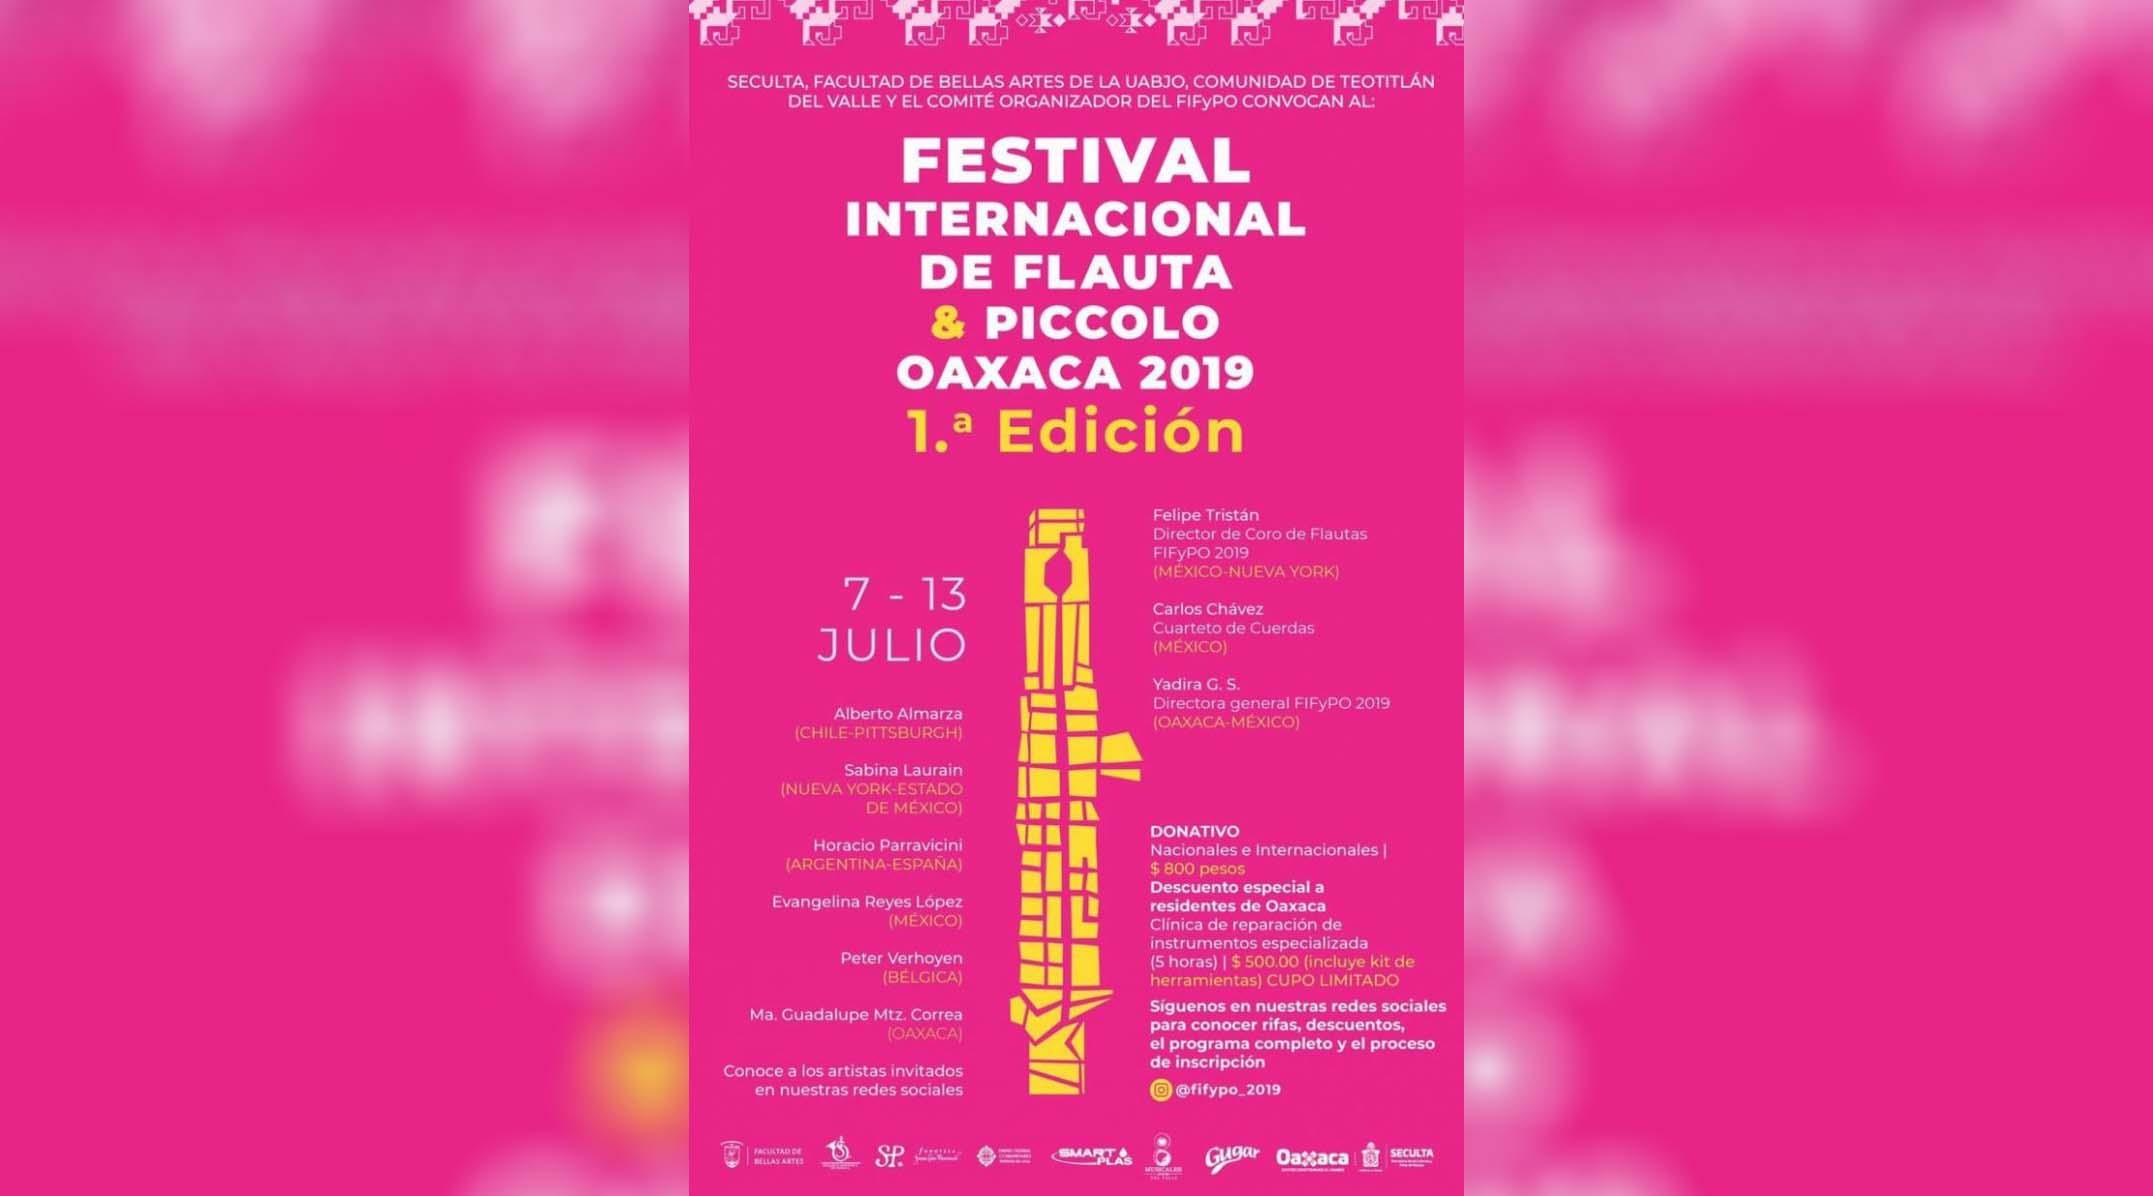 Albergará Oaxaca Festival Internacional de Flauta y Piccolo 2019